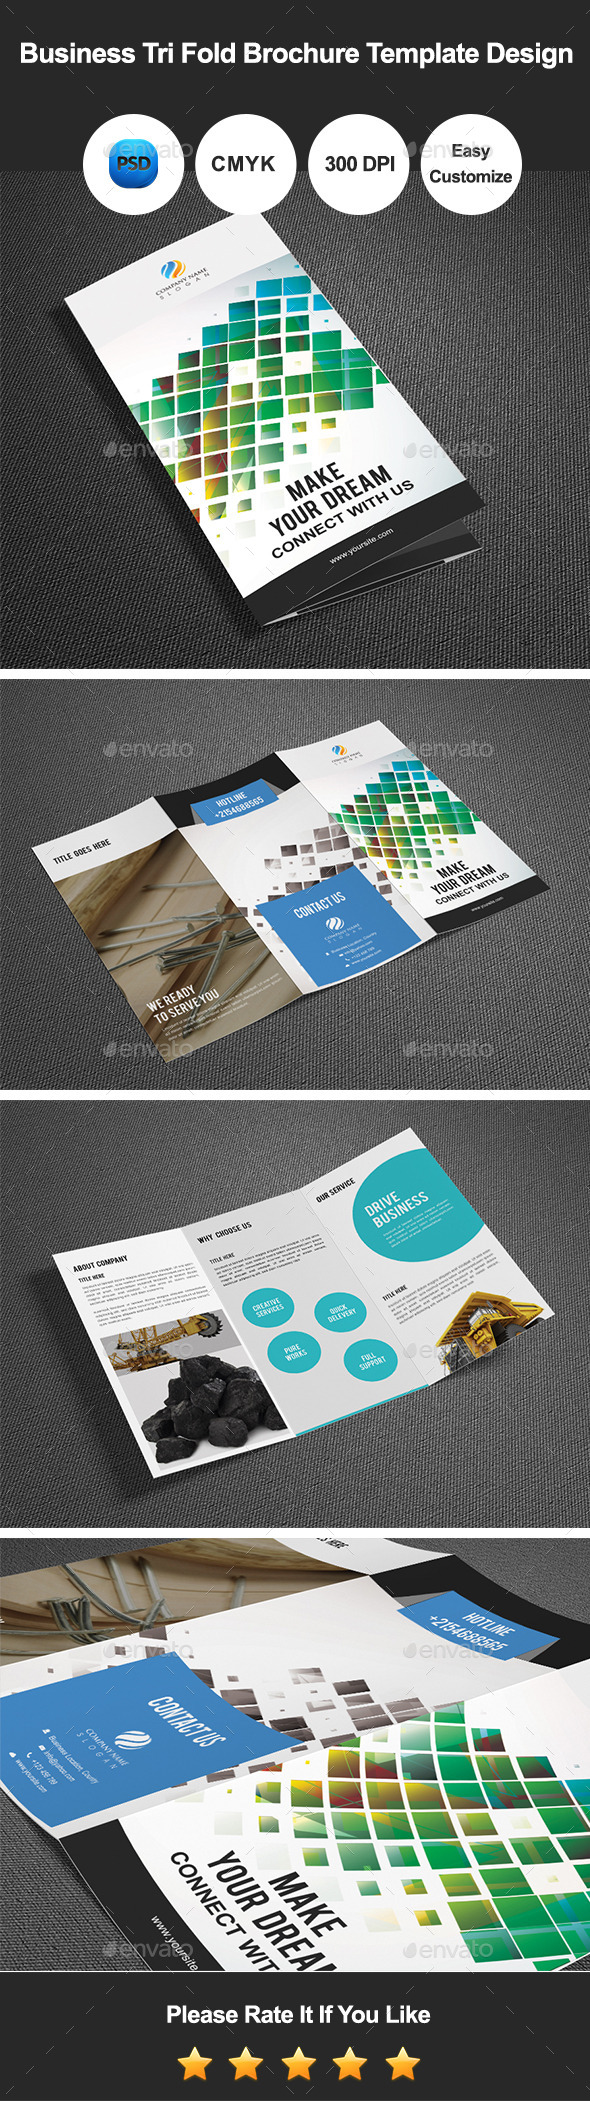 Business Tri Fold Brochure Template Design - Corporate Brochures